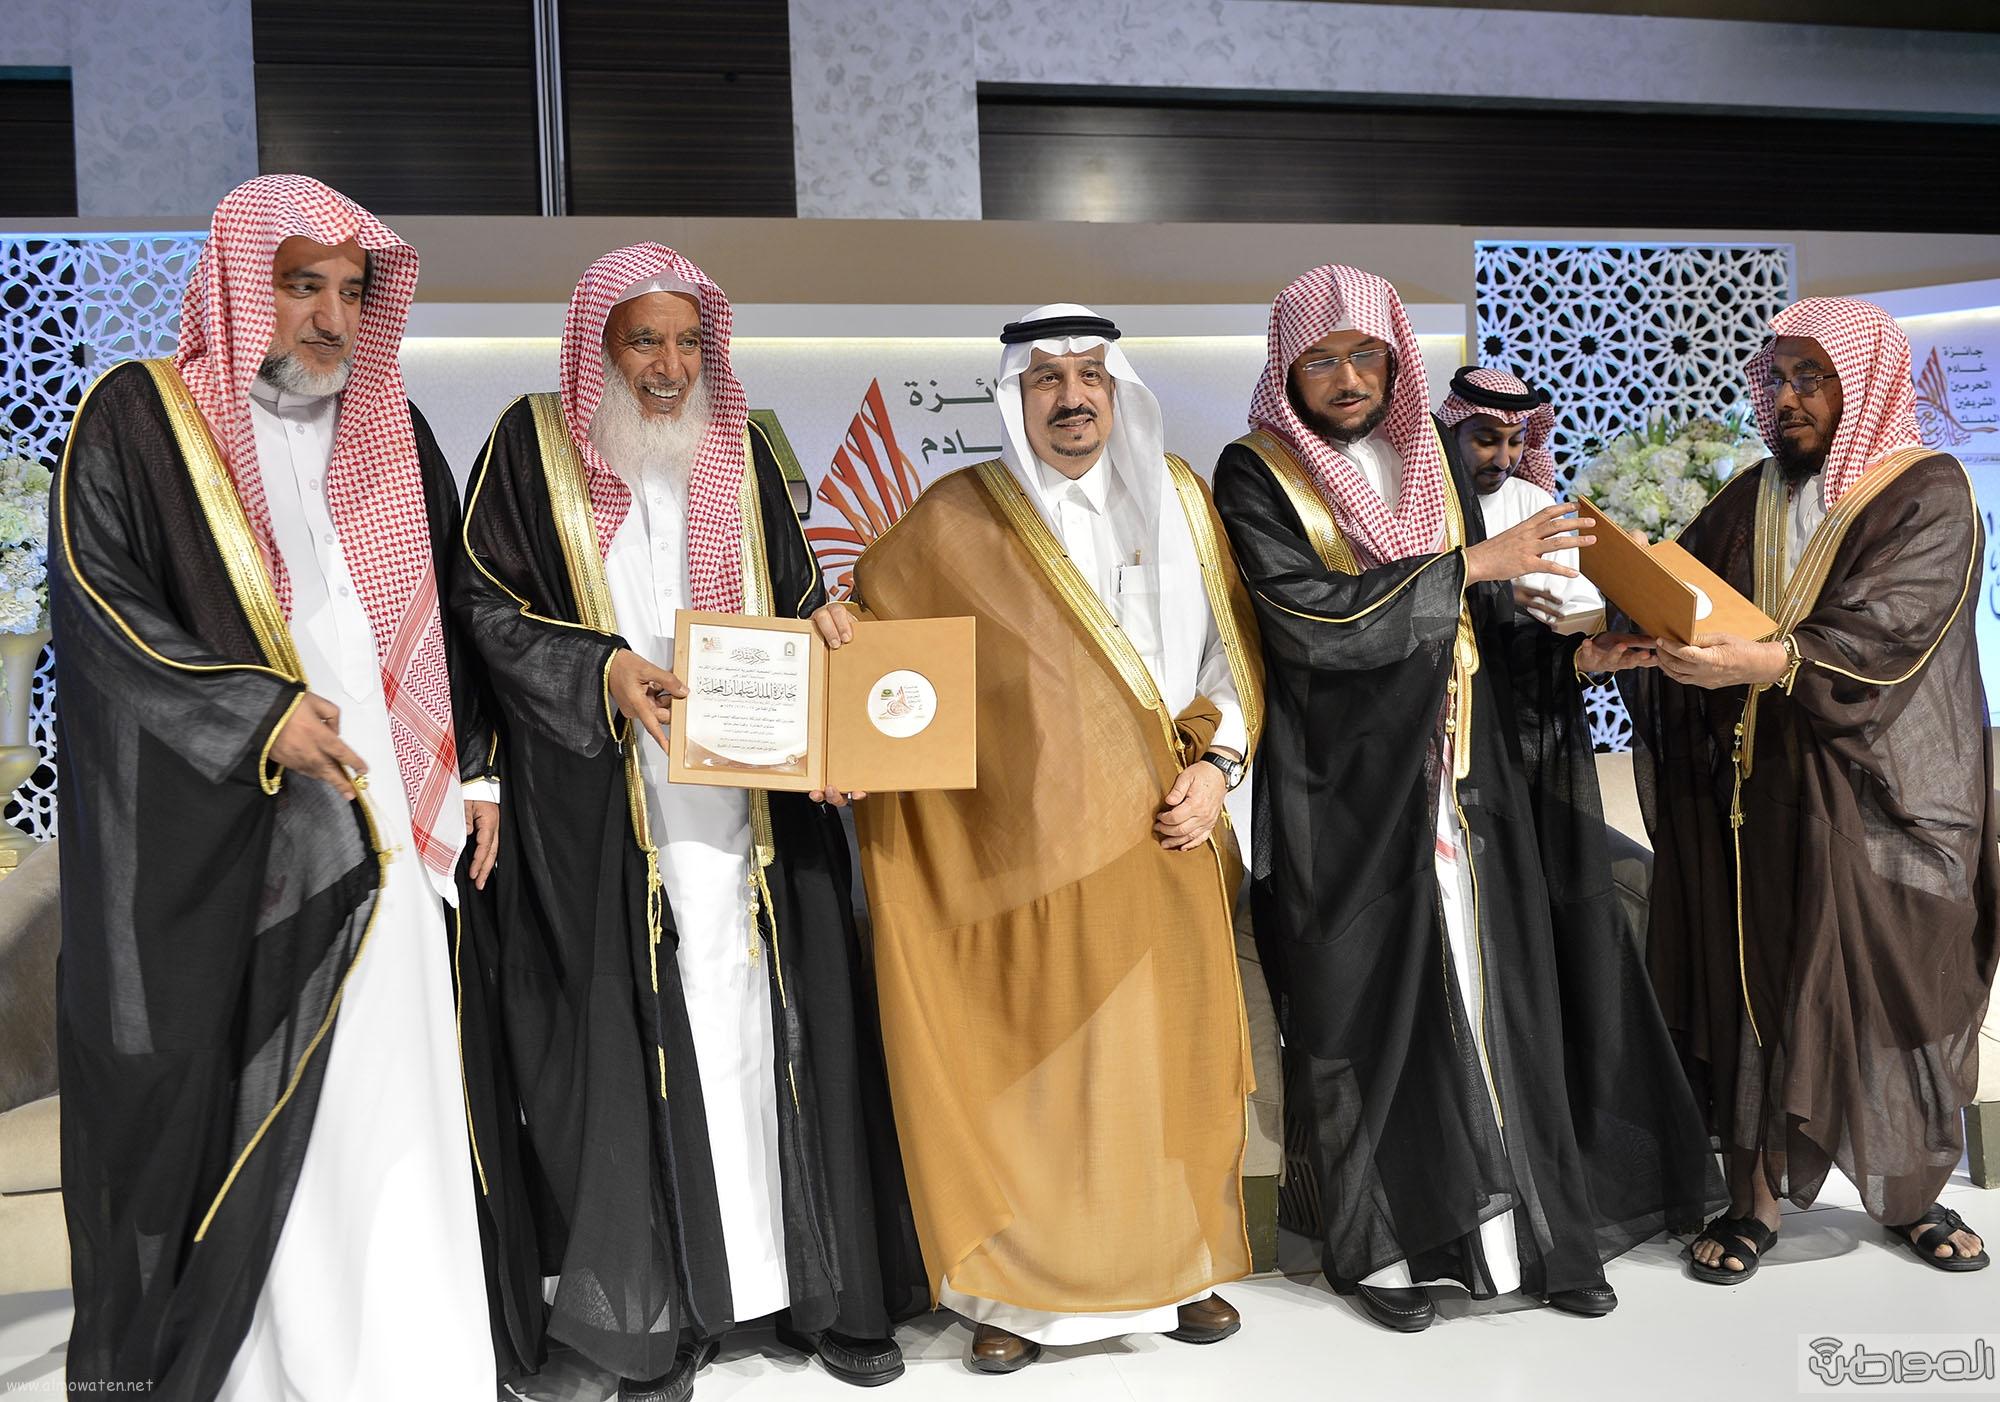 امير منطقة الرياض يرعى حفل اختتام مسابقة جائزة الملك سلمان لحفظ القران الكريم (24)